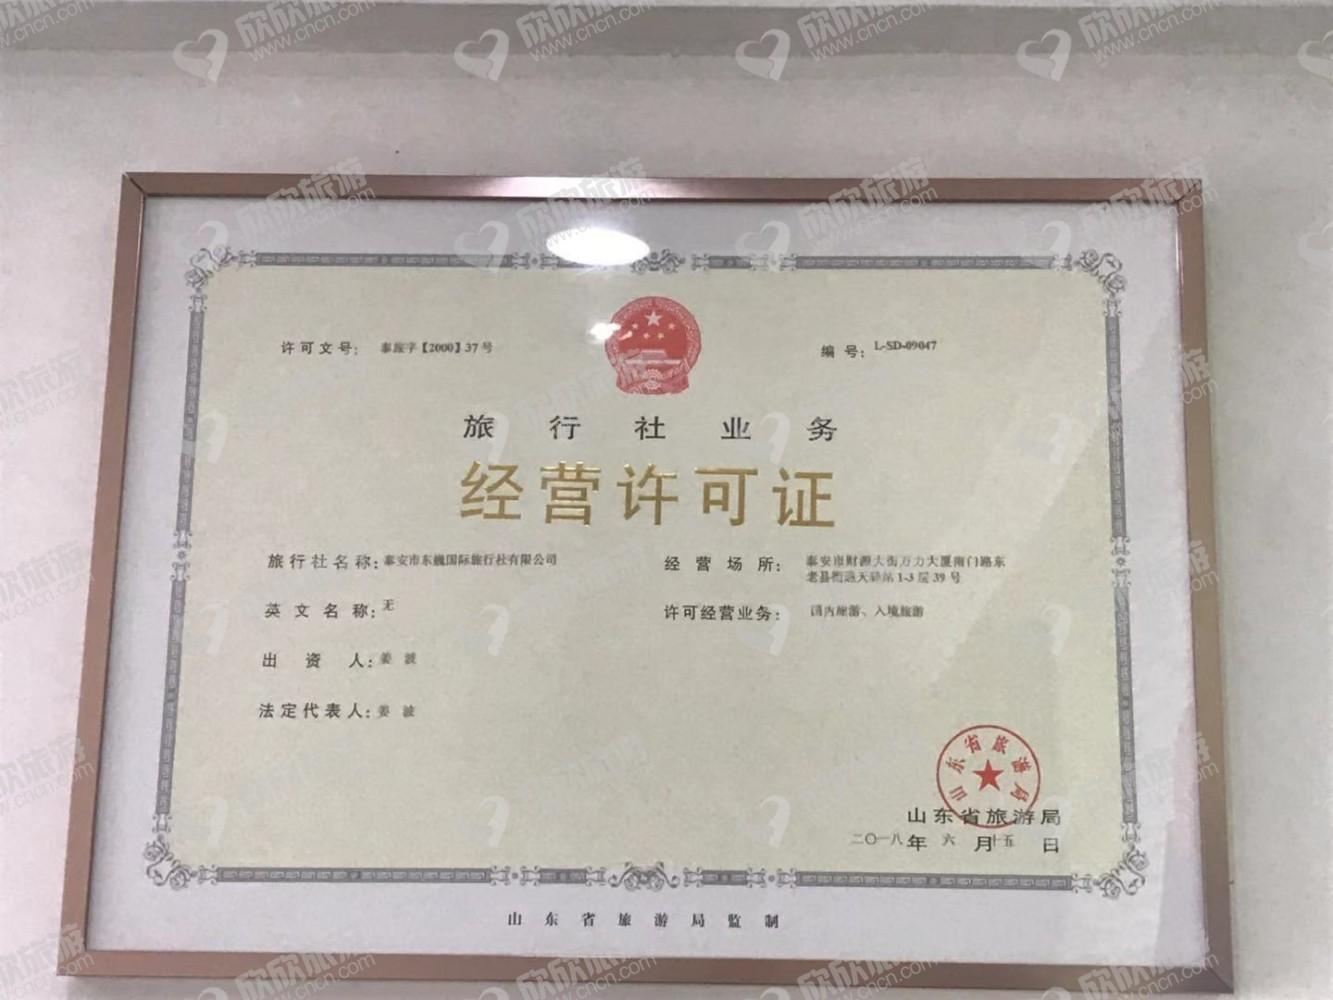 泰安市东巍国际旅行社有限公司【综合部】经营许可证